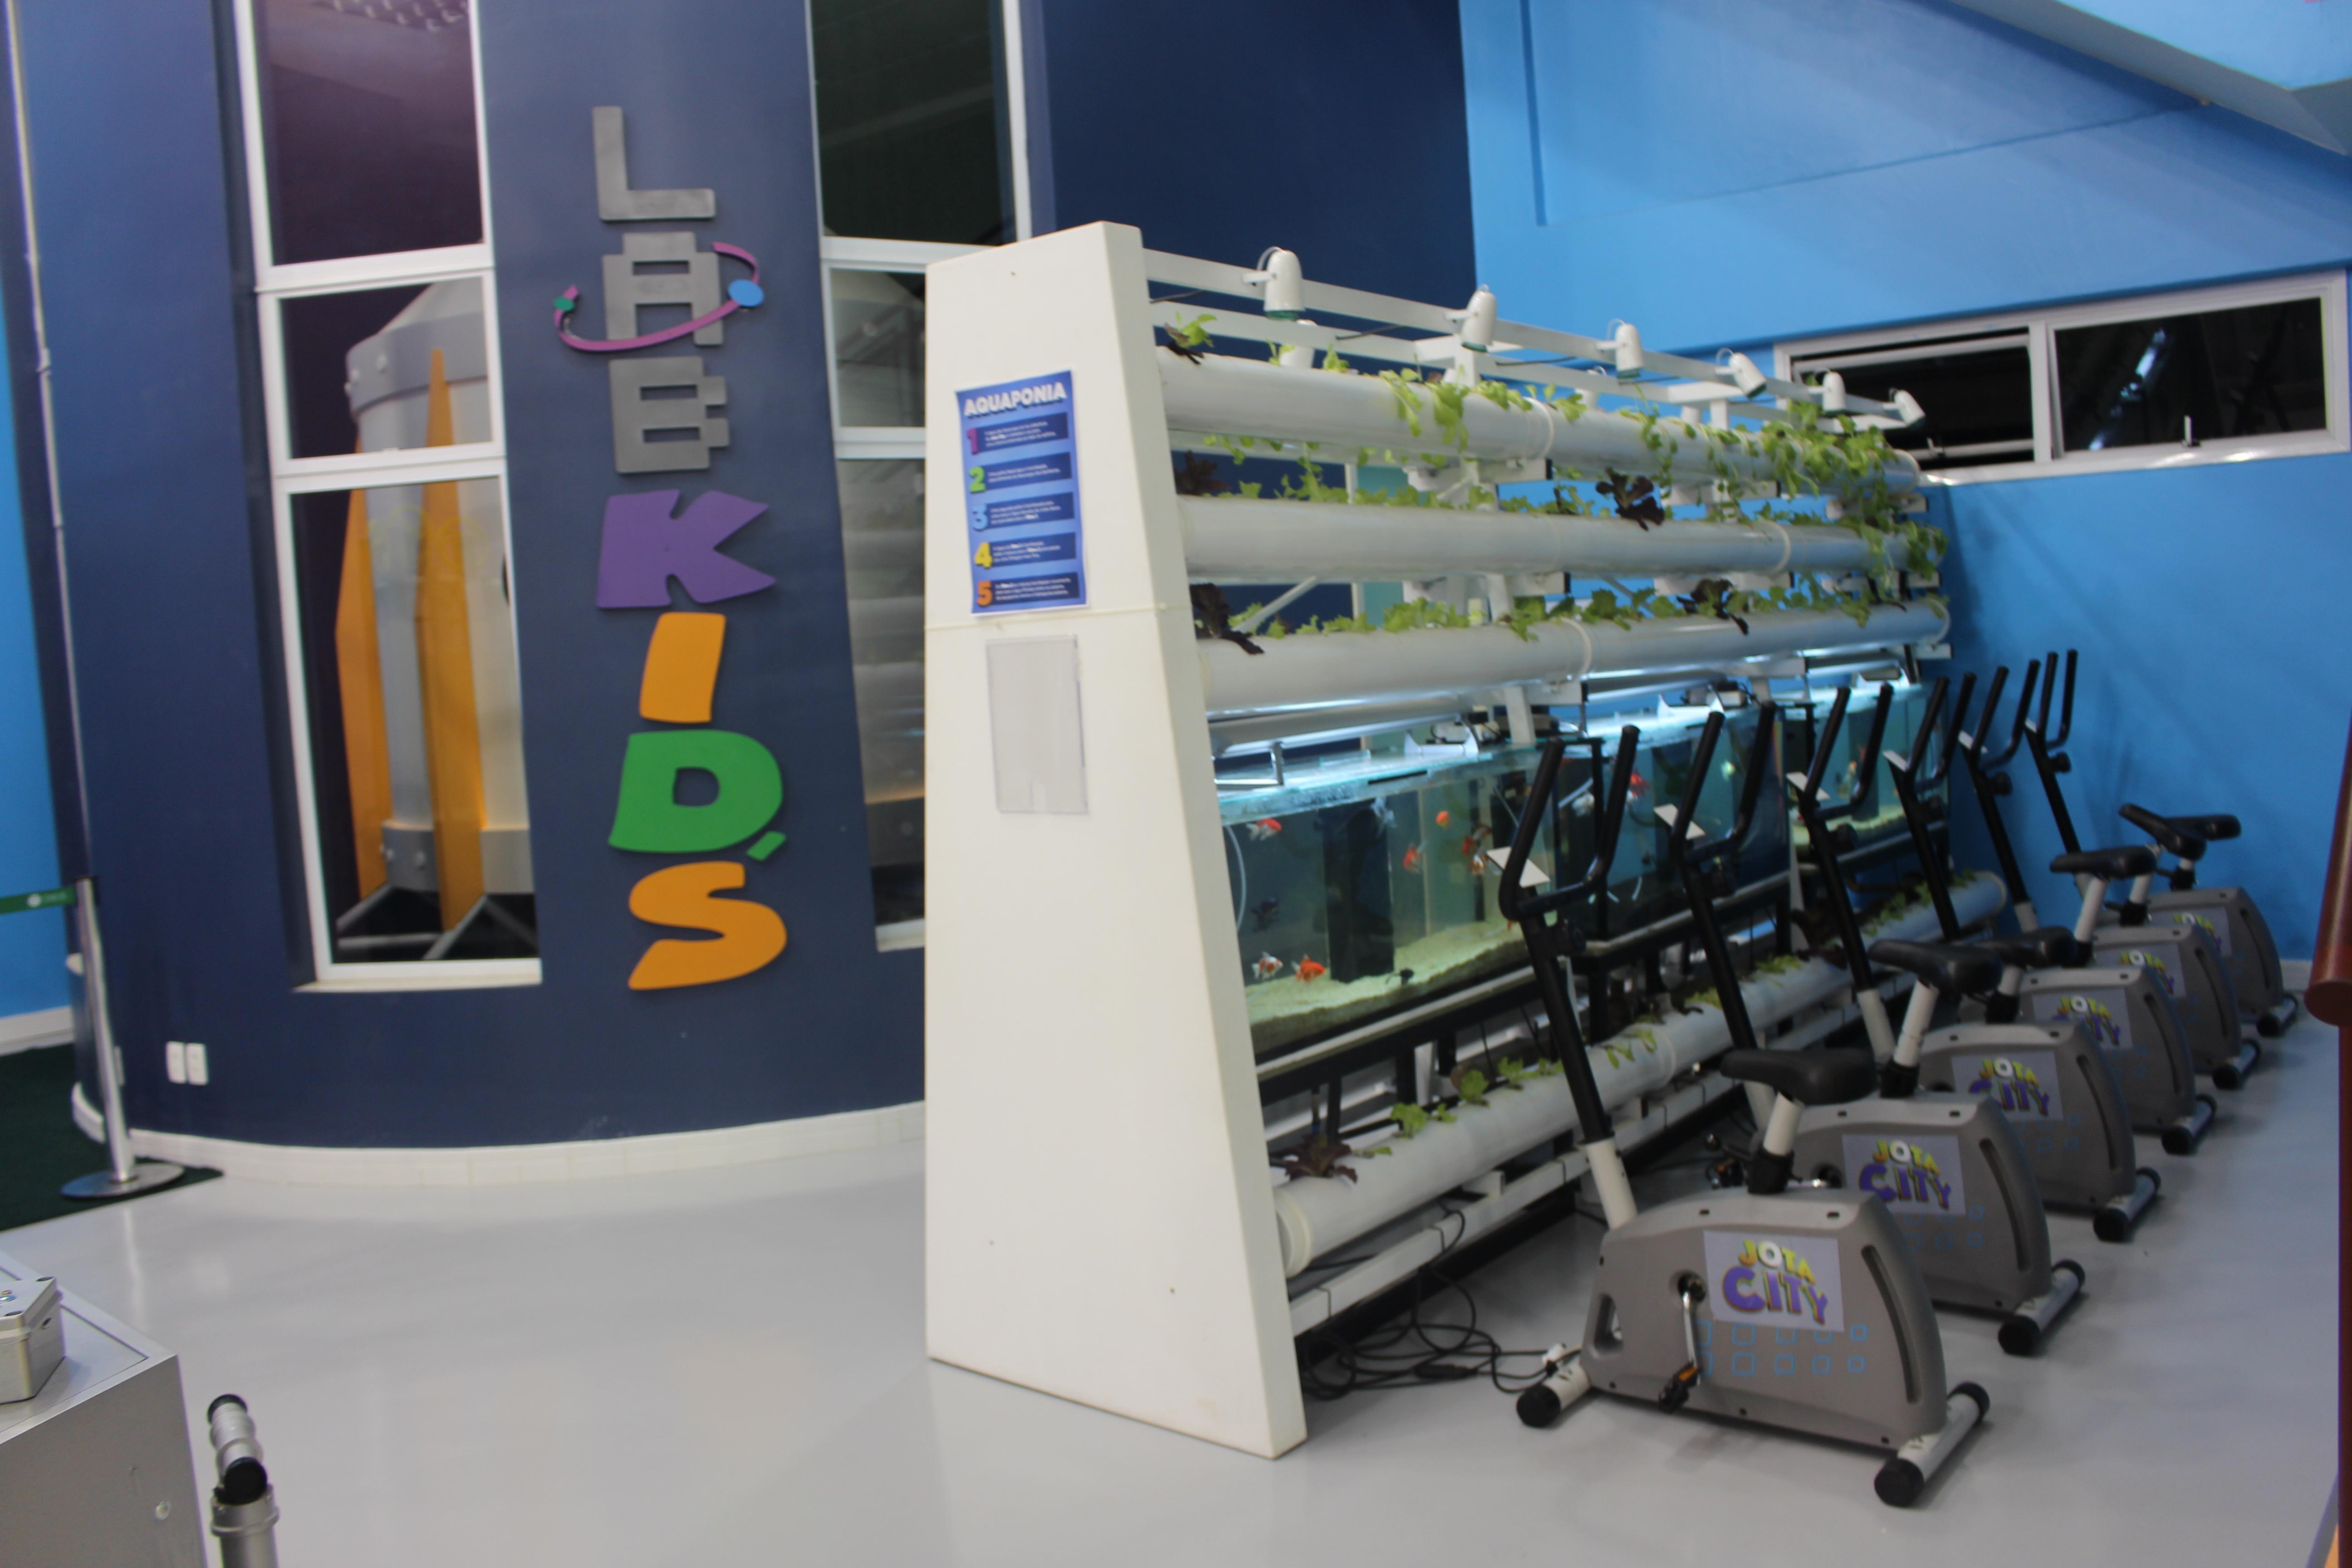 LaboKids onde as crianças ajudam gastando energia para a horta e alimentação dos peixinhos da cidade (Revista Embarque)